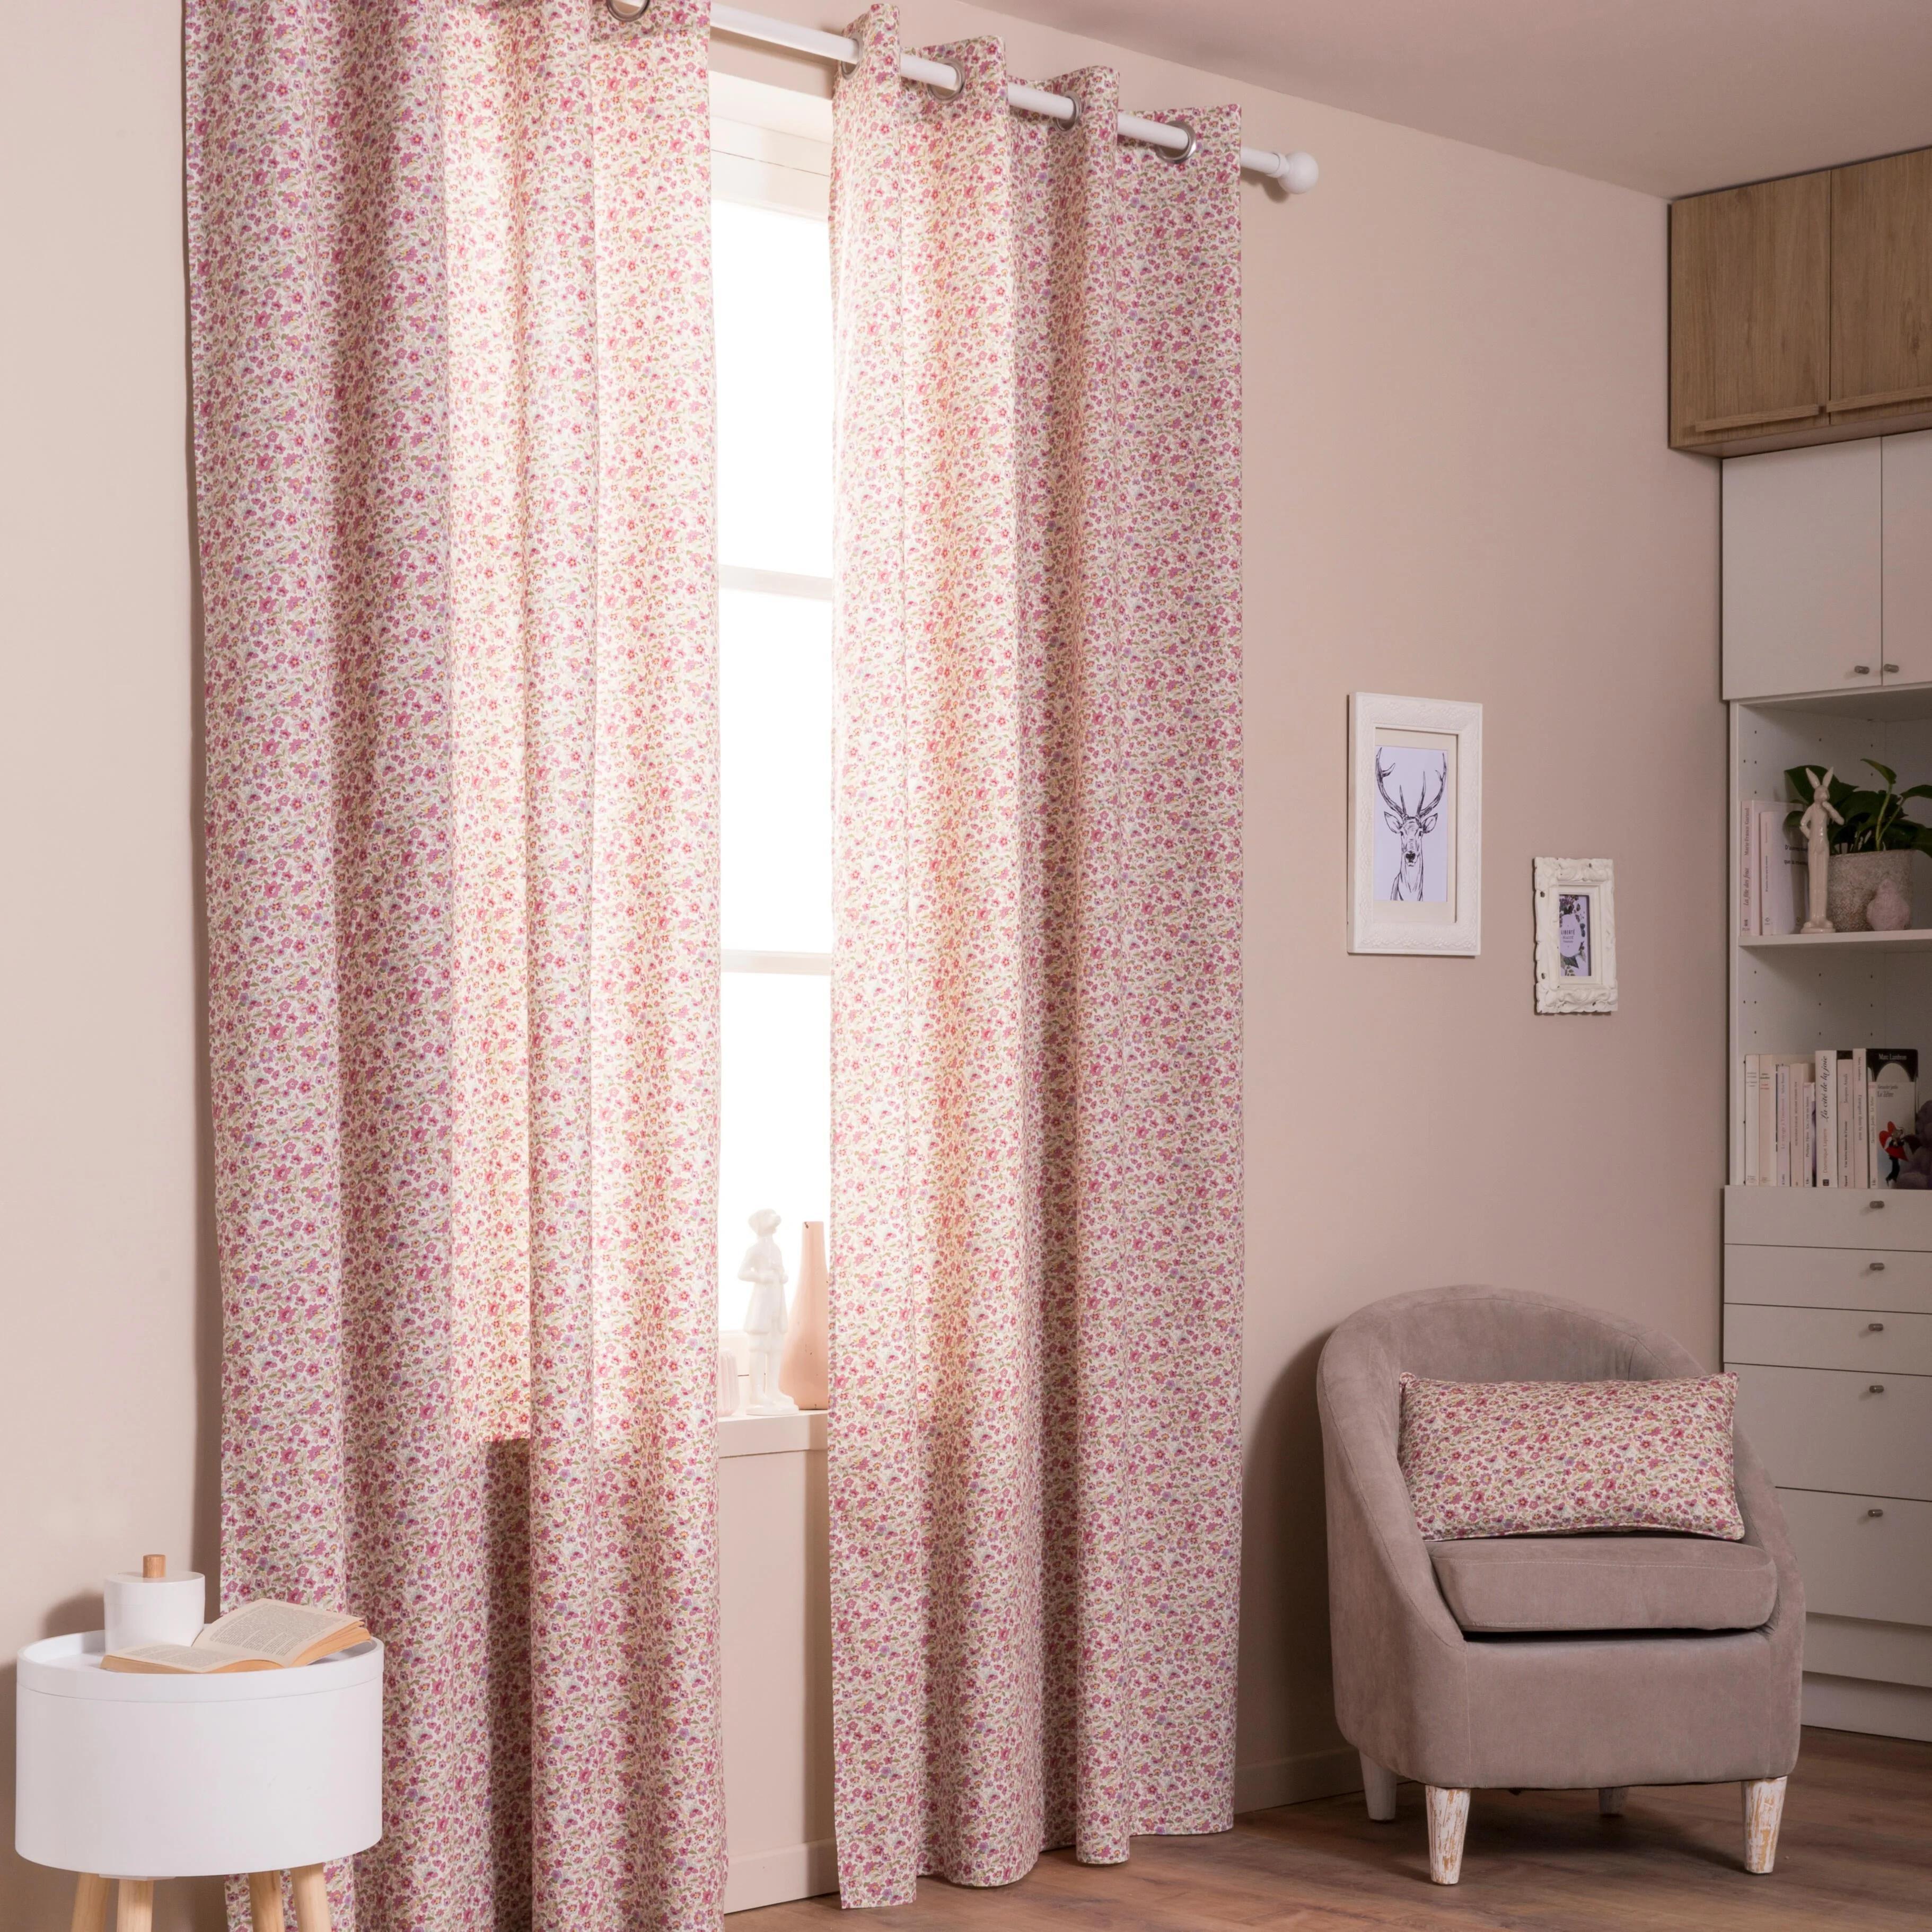 des rideaux et coussins roses aux